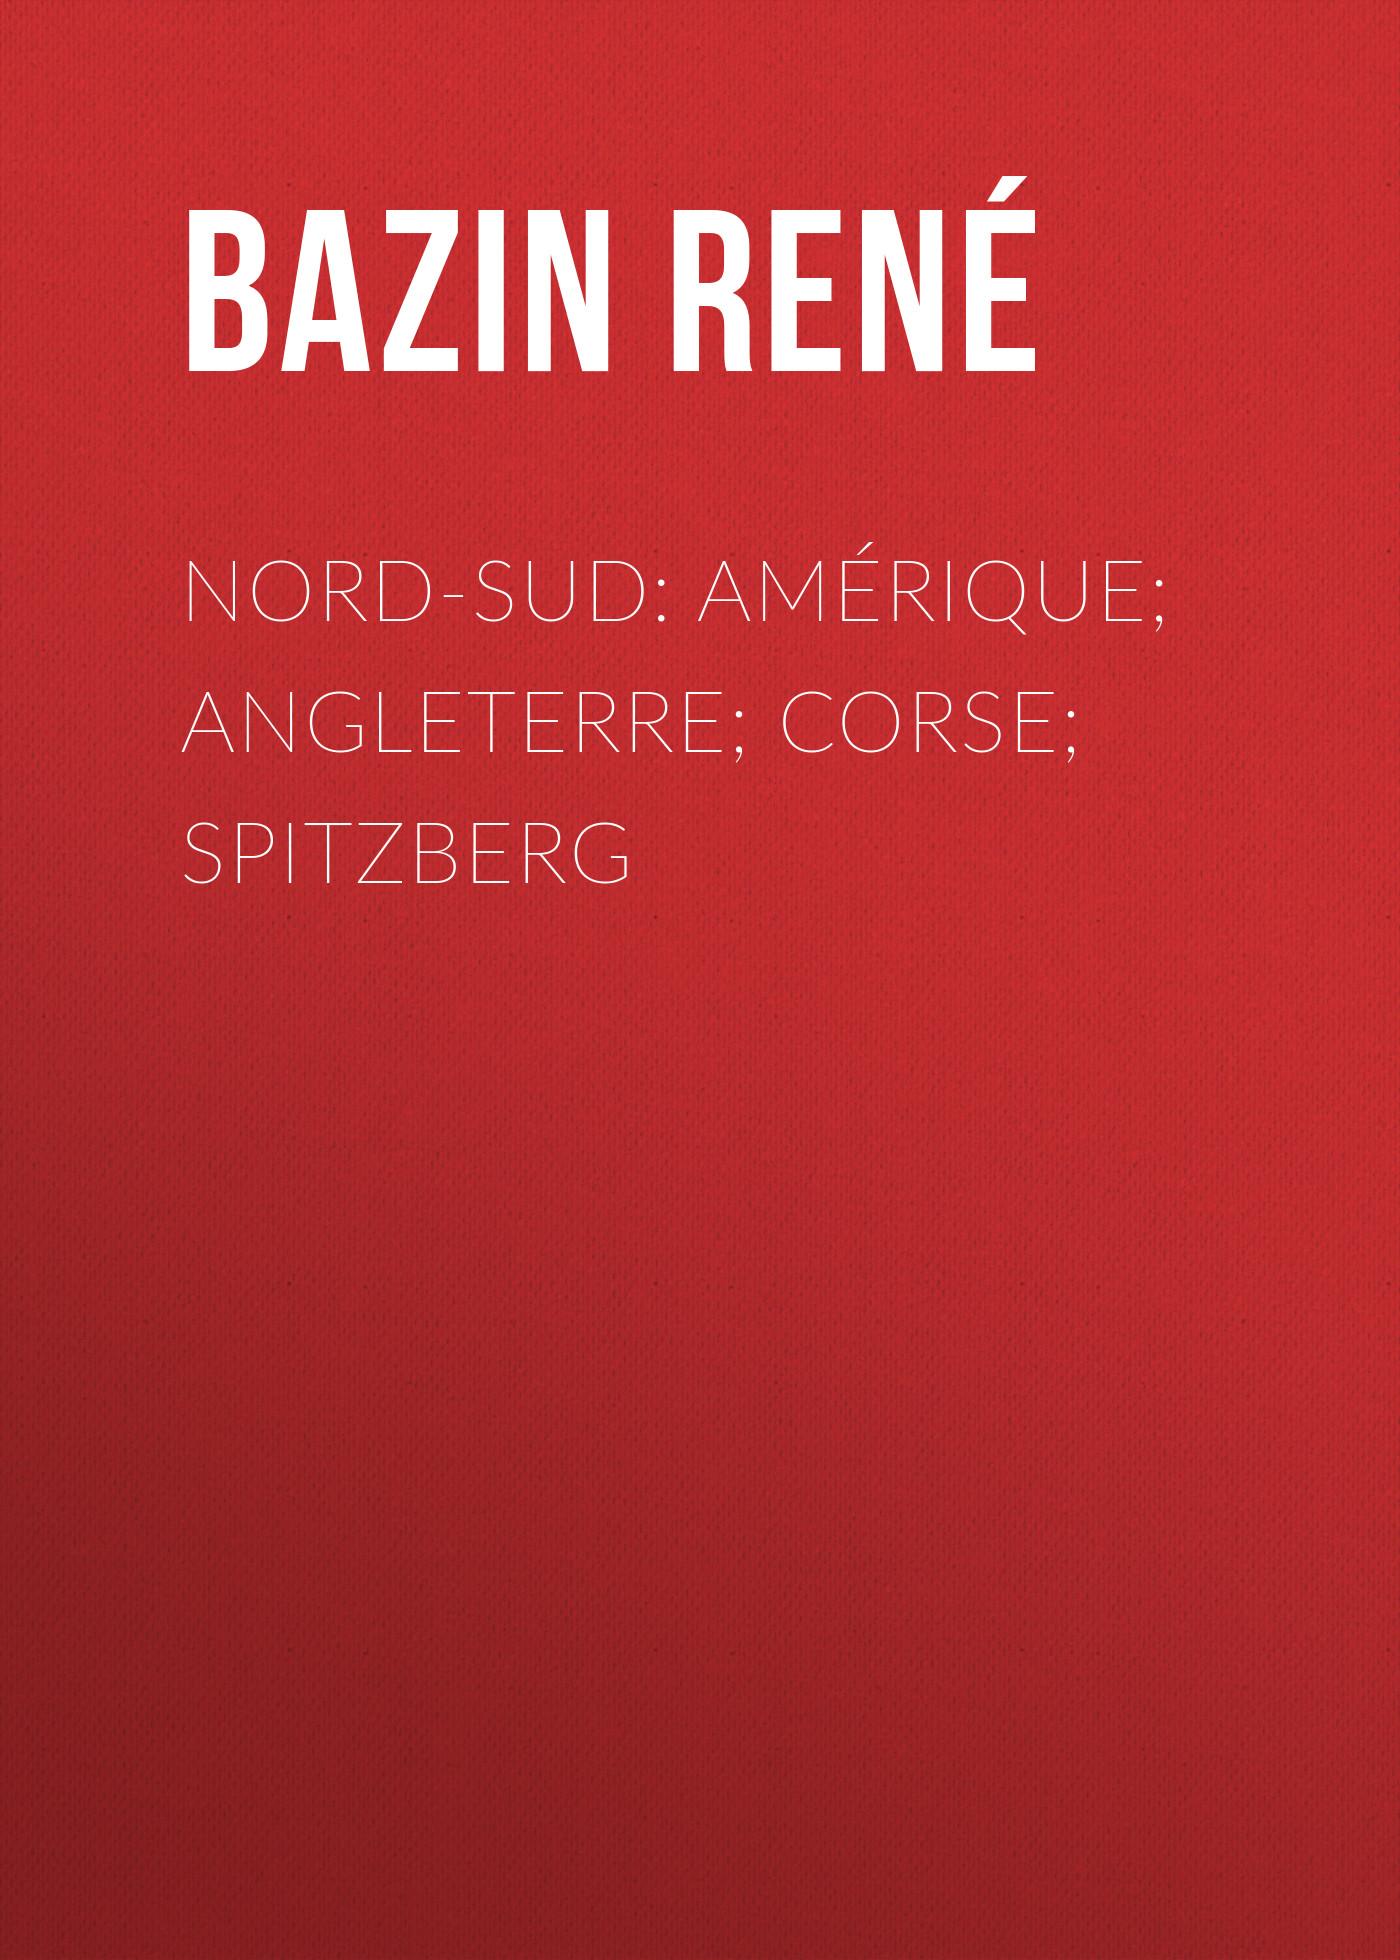 цена на Bazin René Nord-Sud: Amérique; Angleterre; Corse; Spitzberg